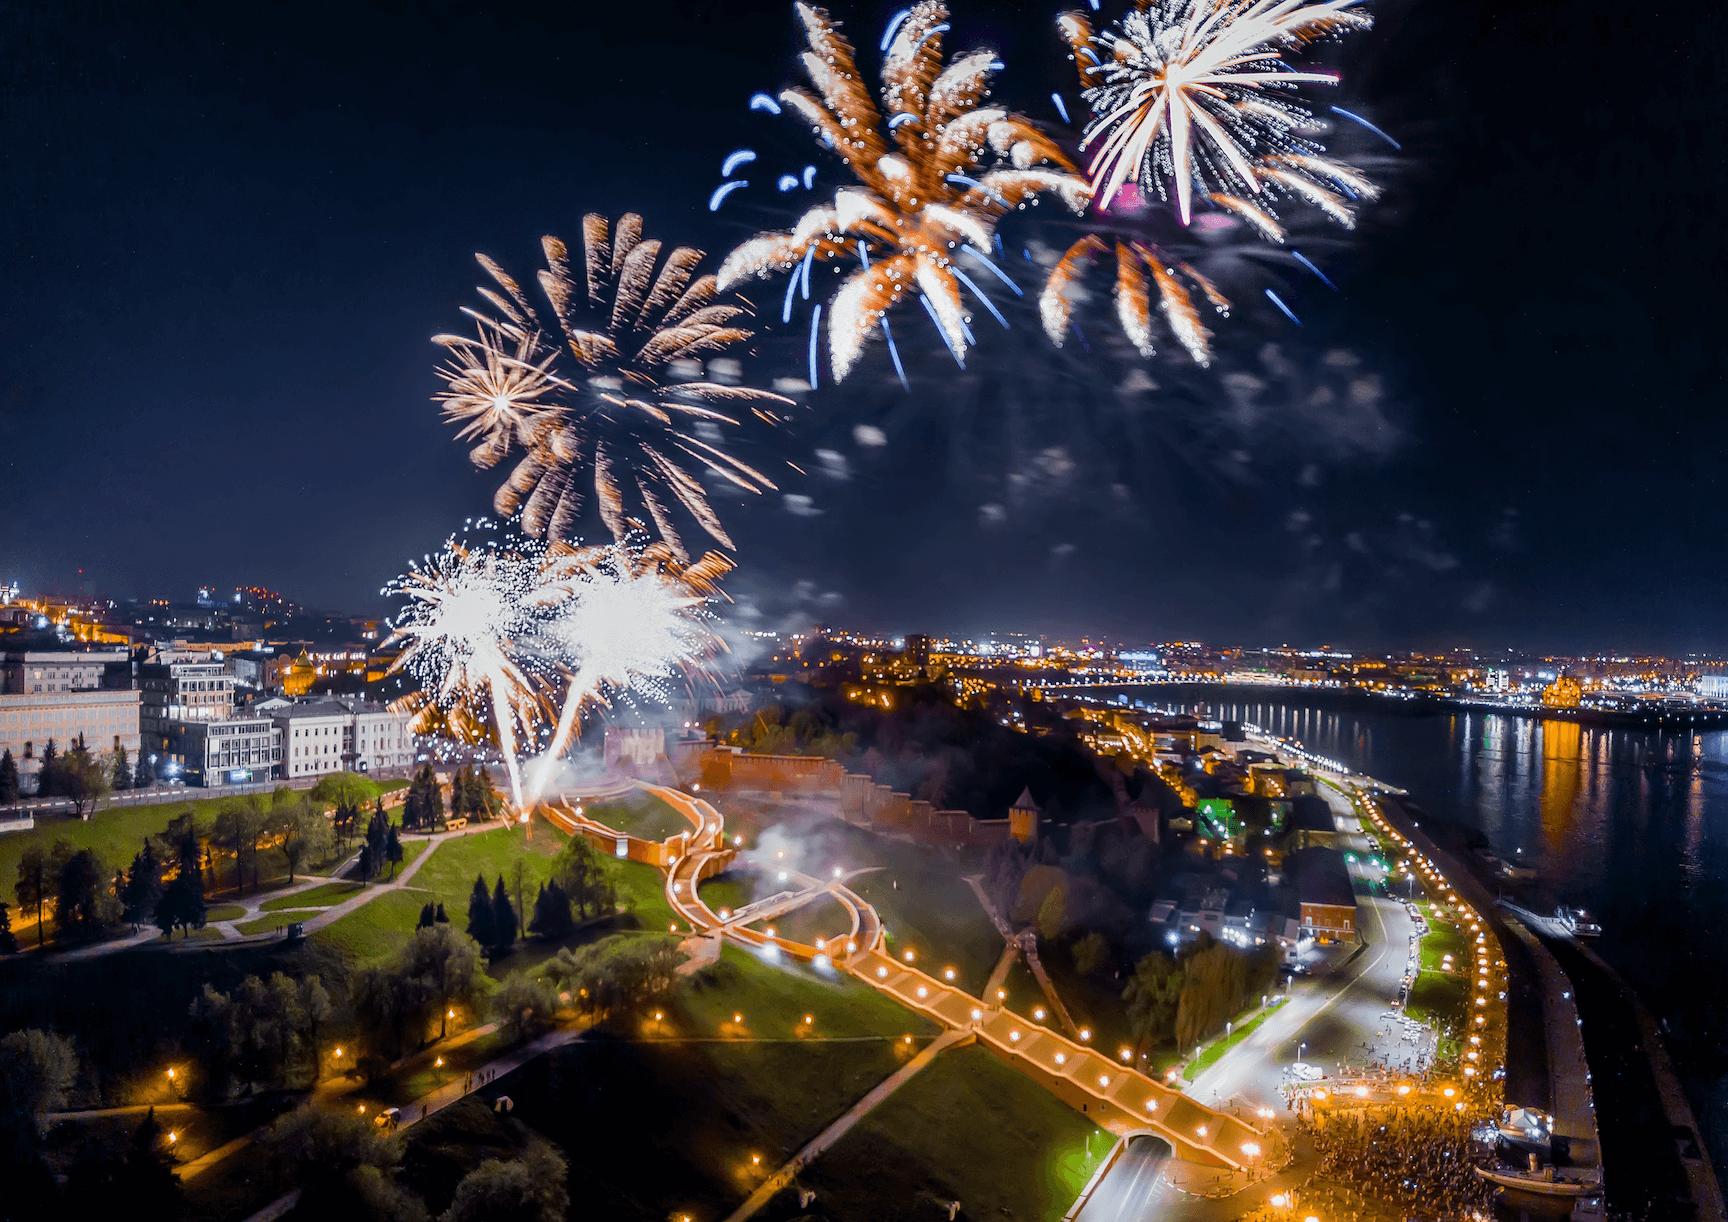 В Нижнем Новгороде презентовали событийную программу празднования 800-летия города